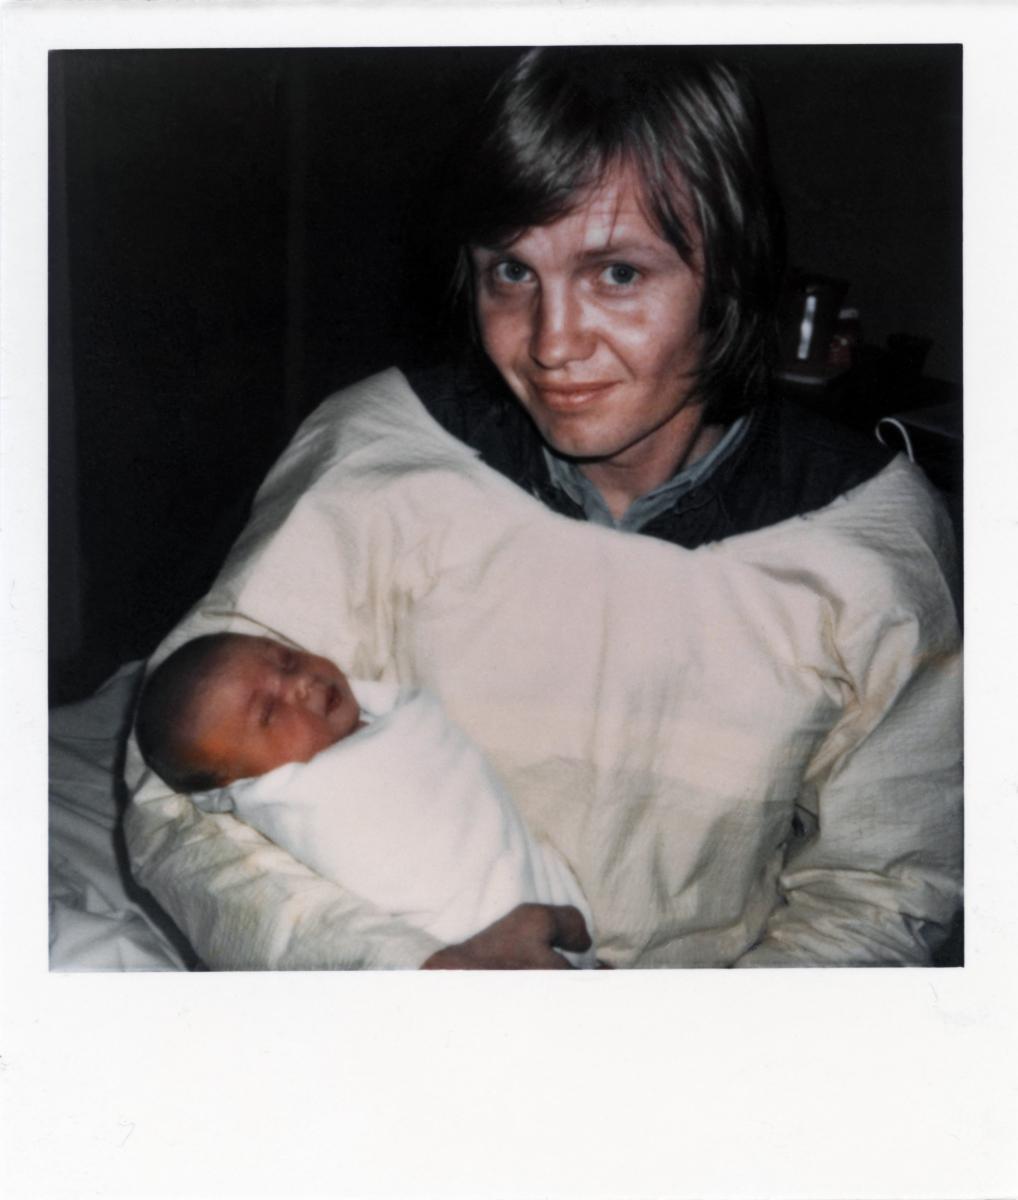 1975年6月4日、ロサンゼルスで誕生したアンジェリーナ・ジョリー。父親はオスカー俳優のジョン・ヴォイト(79)で、母親の故マルシェリーヌ・ベルトラン(享年56)も女優という芸能一家に生まれた、いわゆる二世セレブ。これは父に抱っこされた生後4時間のアンジー。